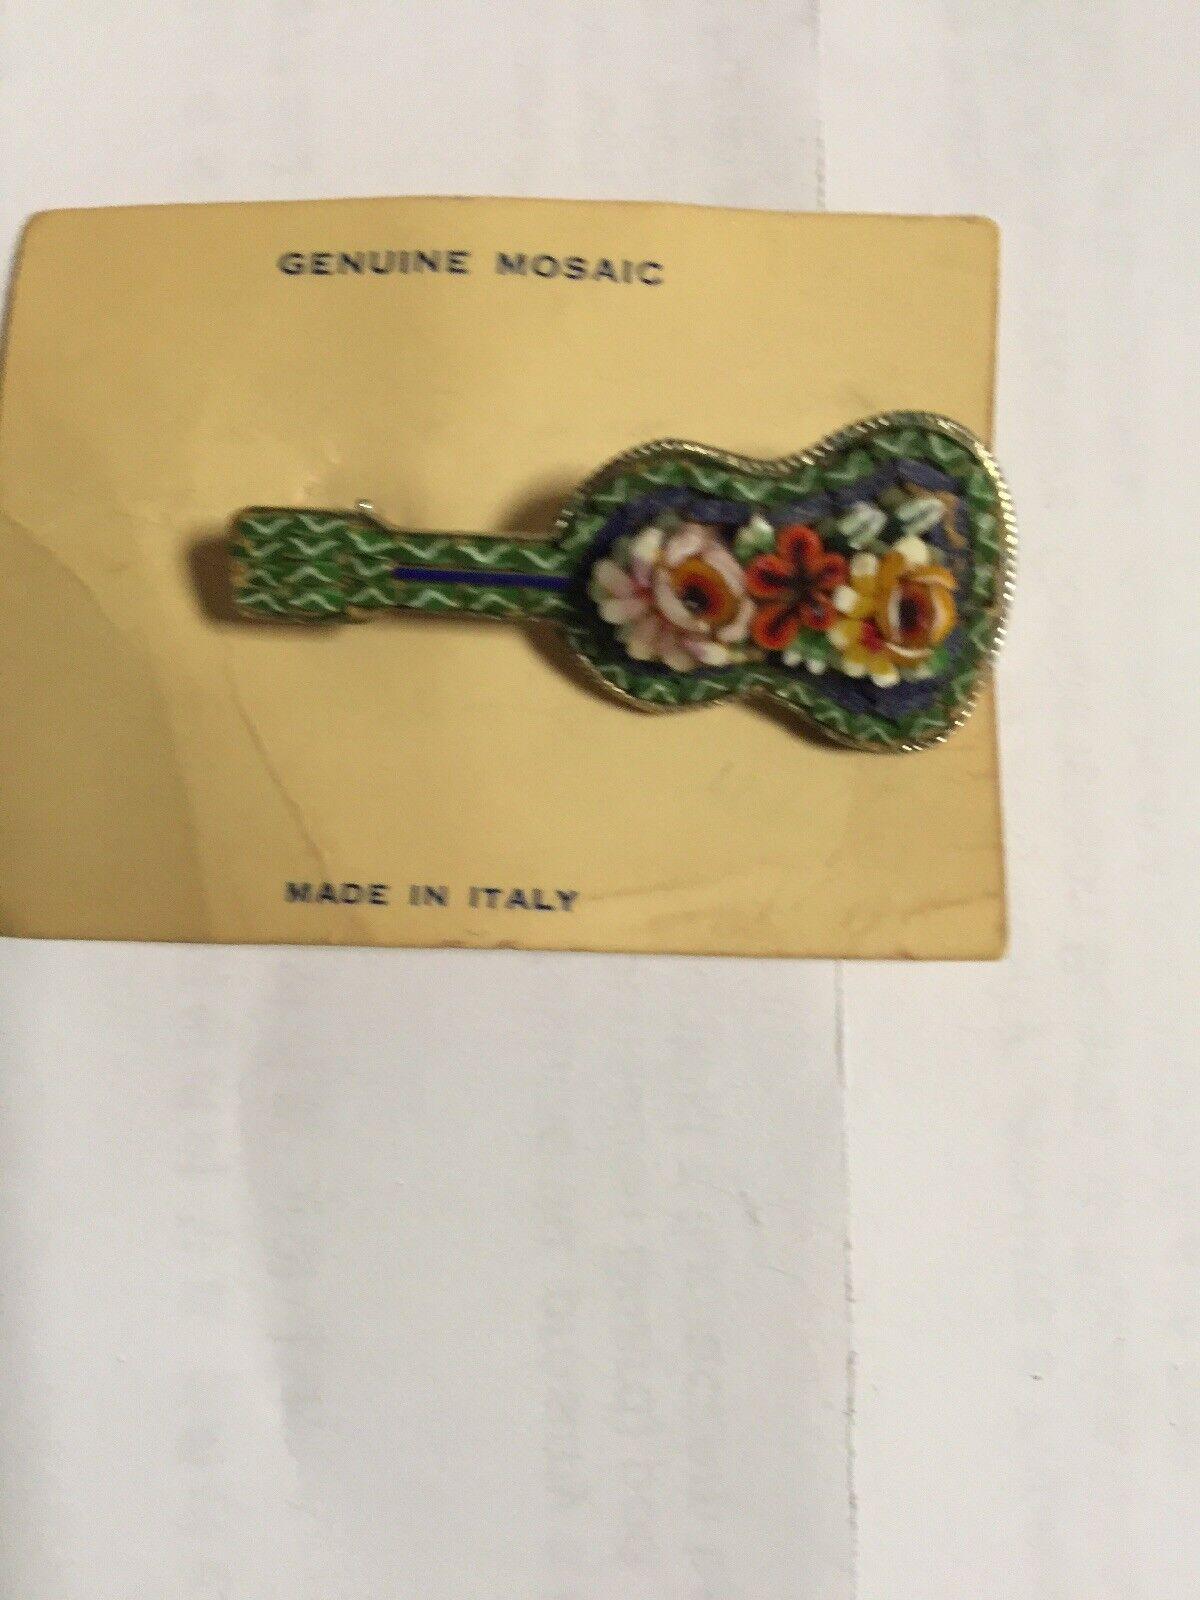 Vintage Micro Mosaic Guitar Mandolin Brooch Pin Made in